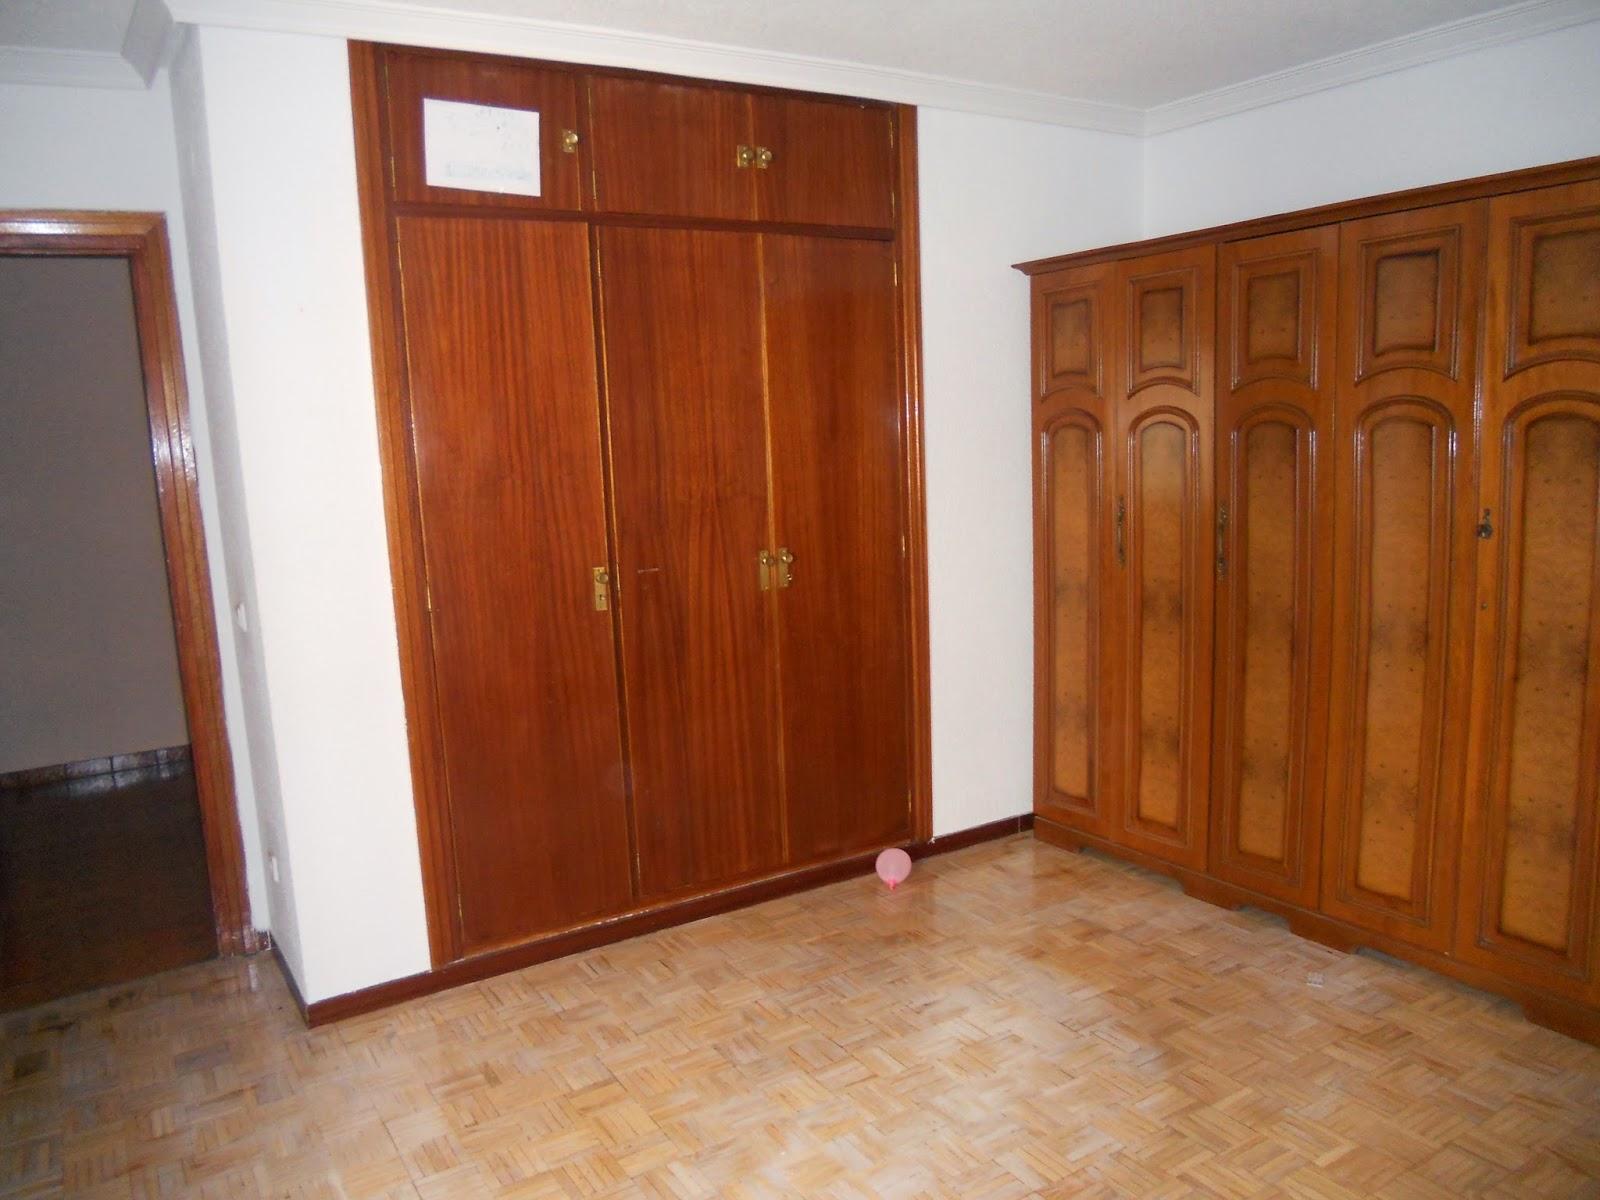 Proyecto tacuap el armario del pasillo - Armario pasillo ...